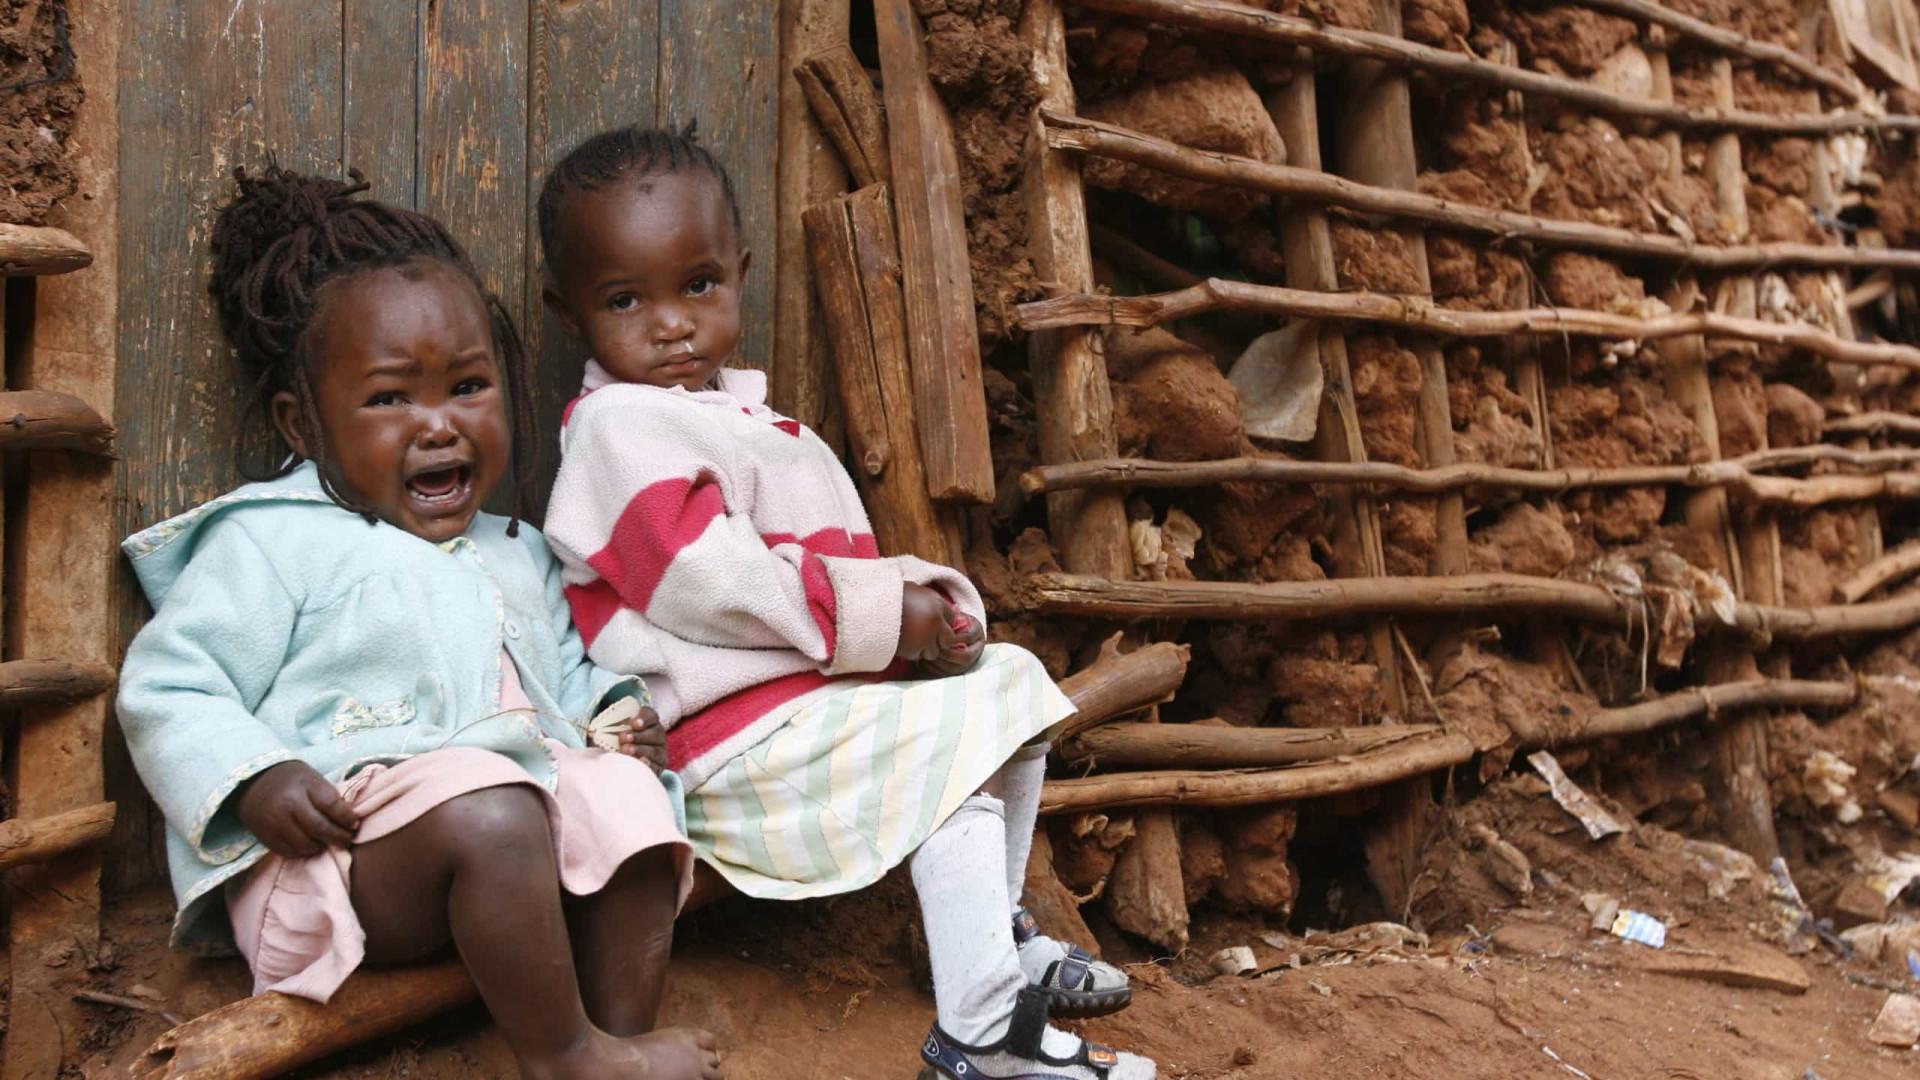 EUA apoiam grupos vulneráveis em Moçambique